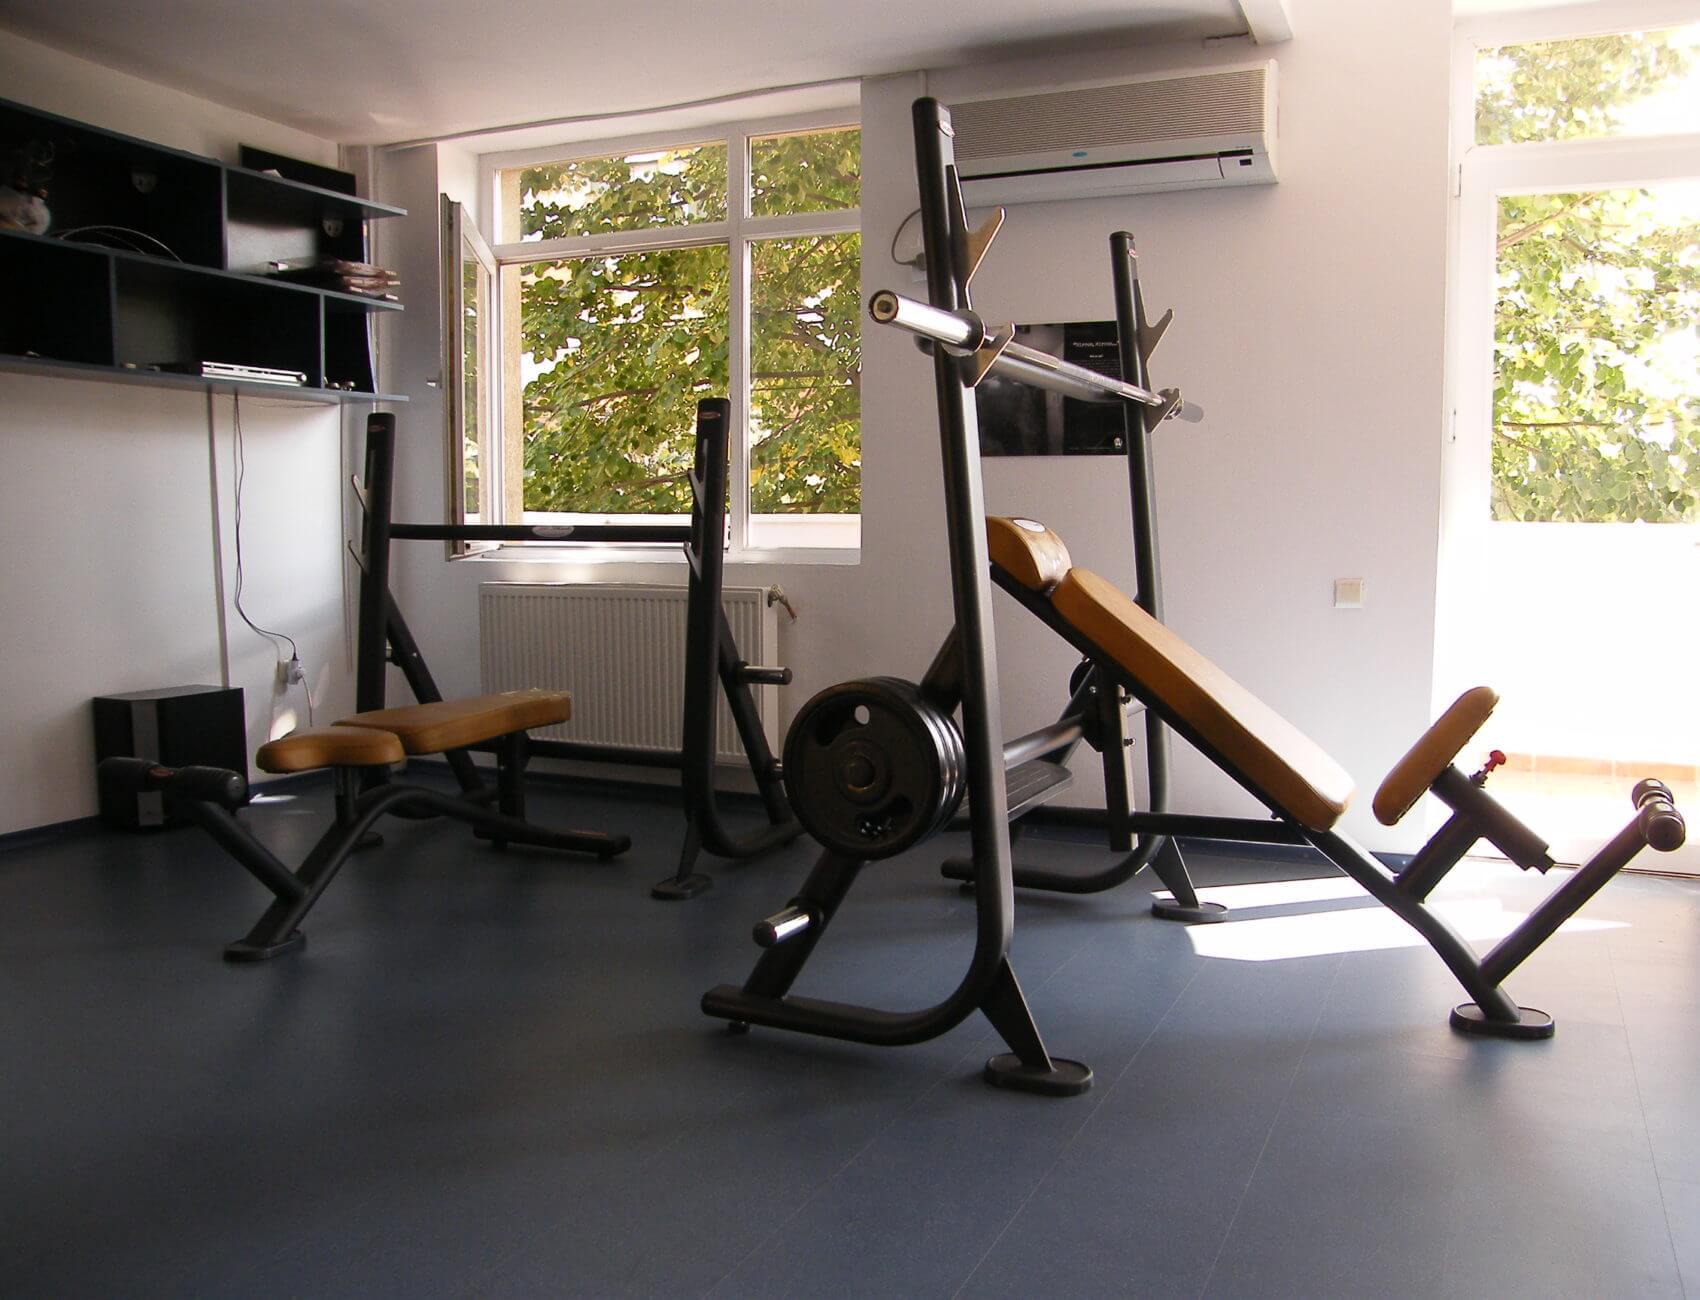 Galerie echipamente fitness 2009 - 6